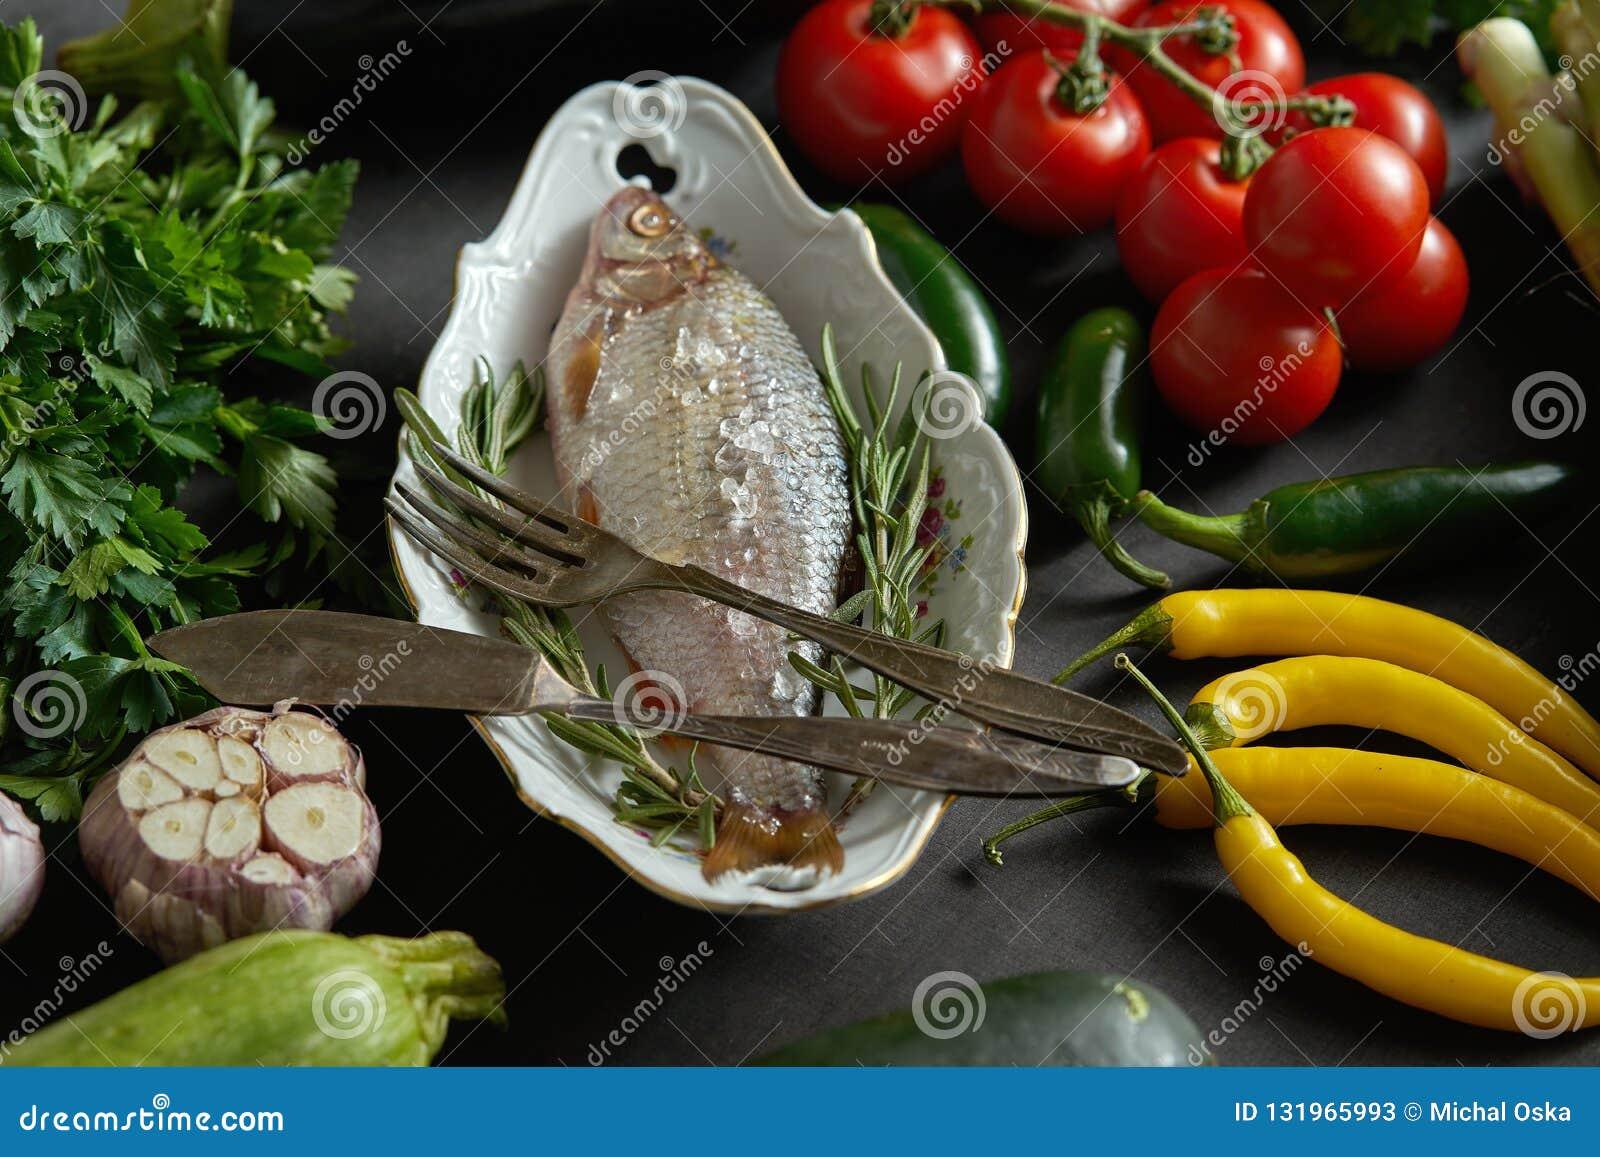 Peixes crus frescos do dorada em um prato branco com um grupo de vegetais em uma tabela preta